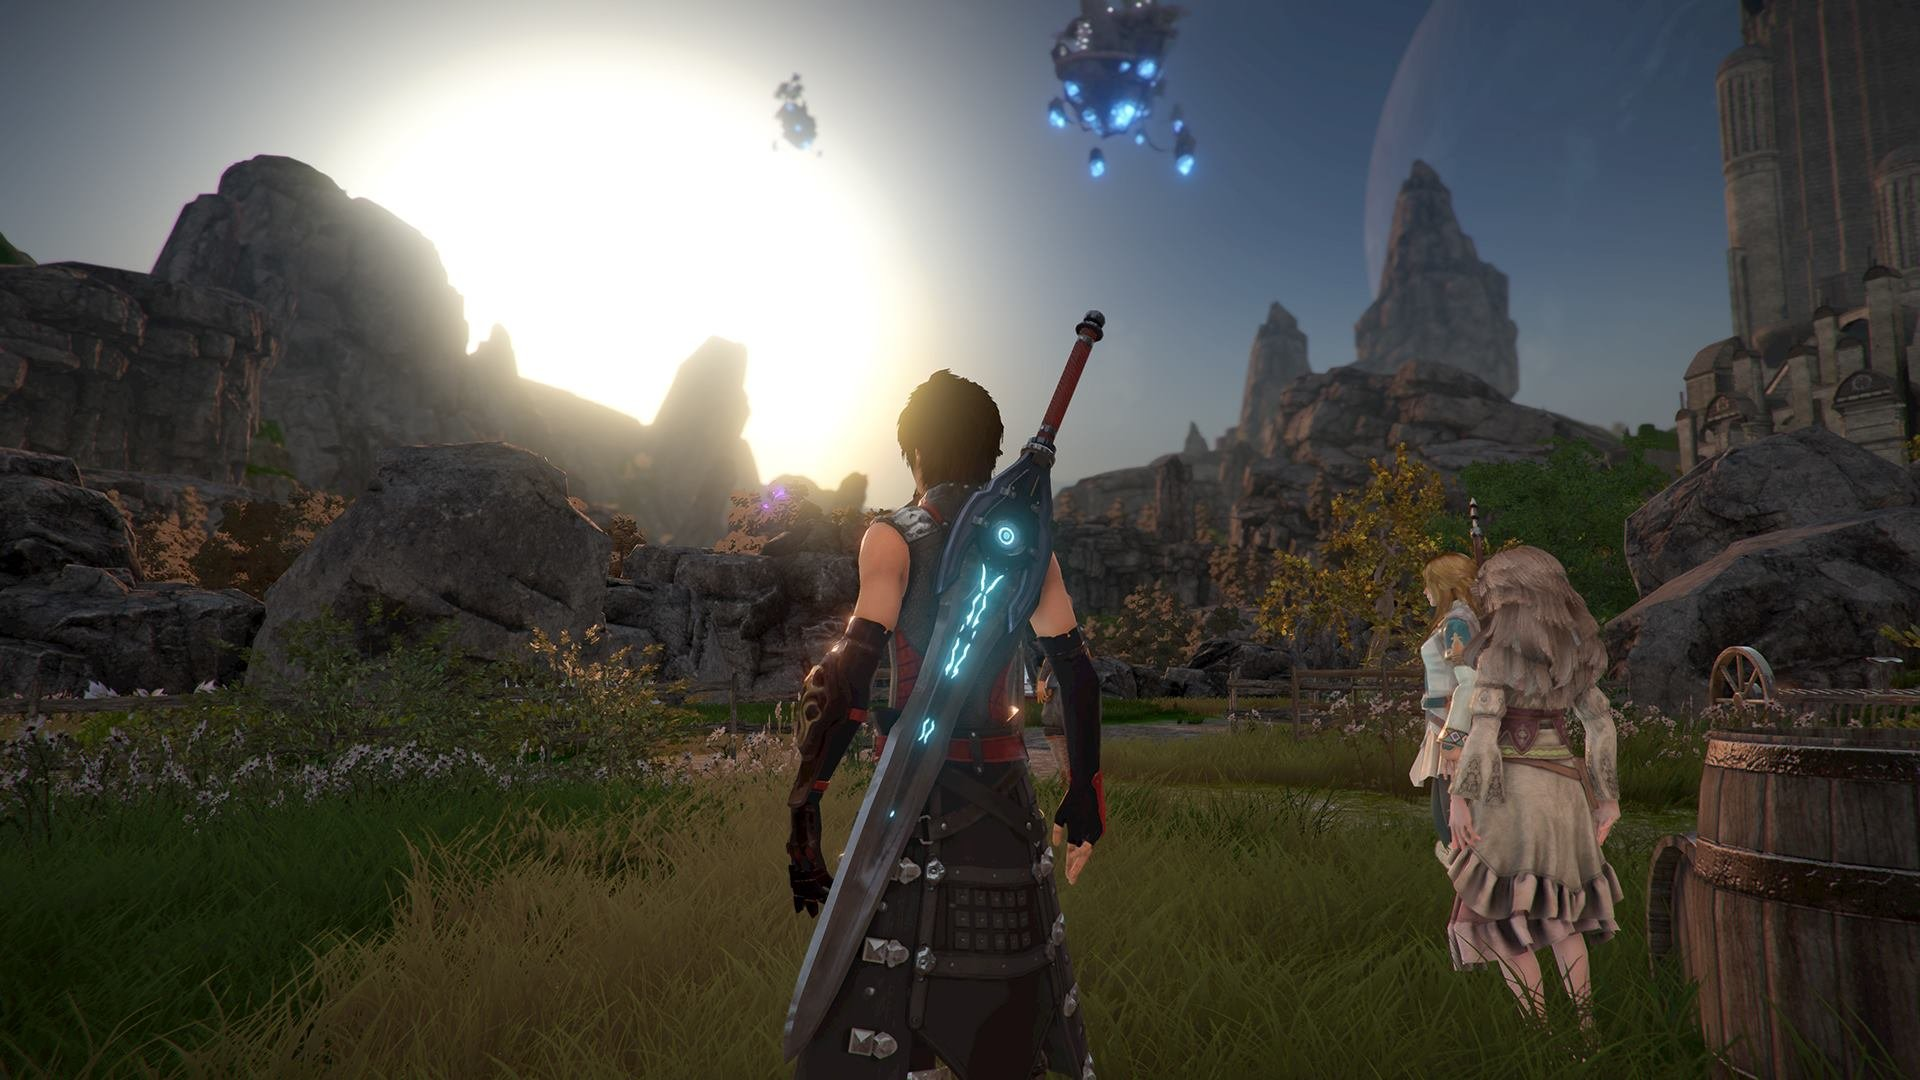 Почти как Final Fantasy, только от фанатов. В Steam выпустили игру Edge Of Eternity в стиле японских RPG